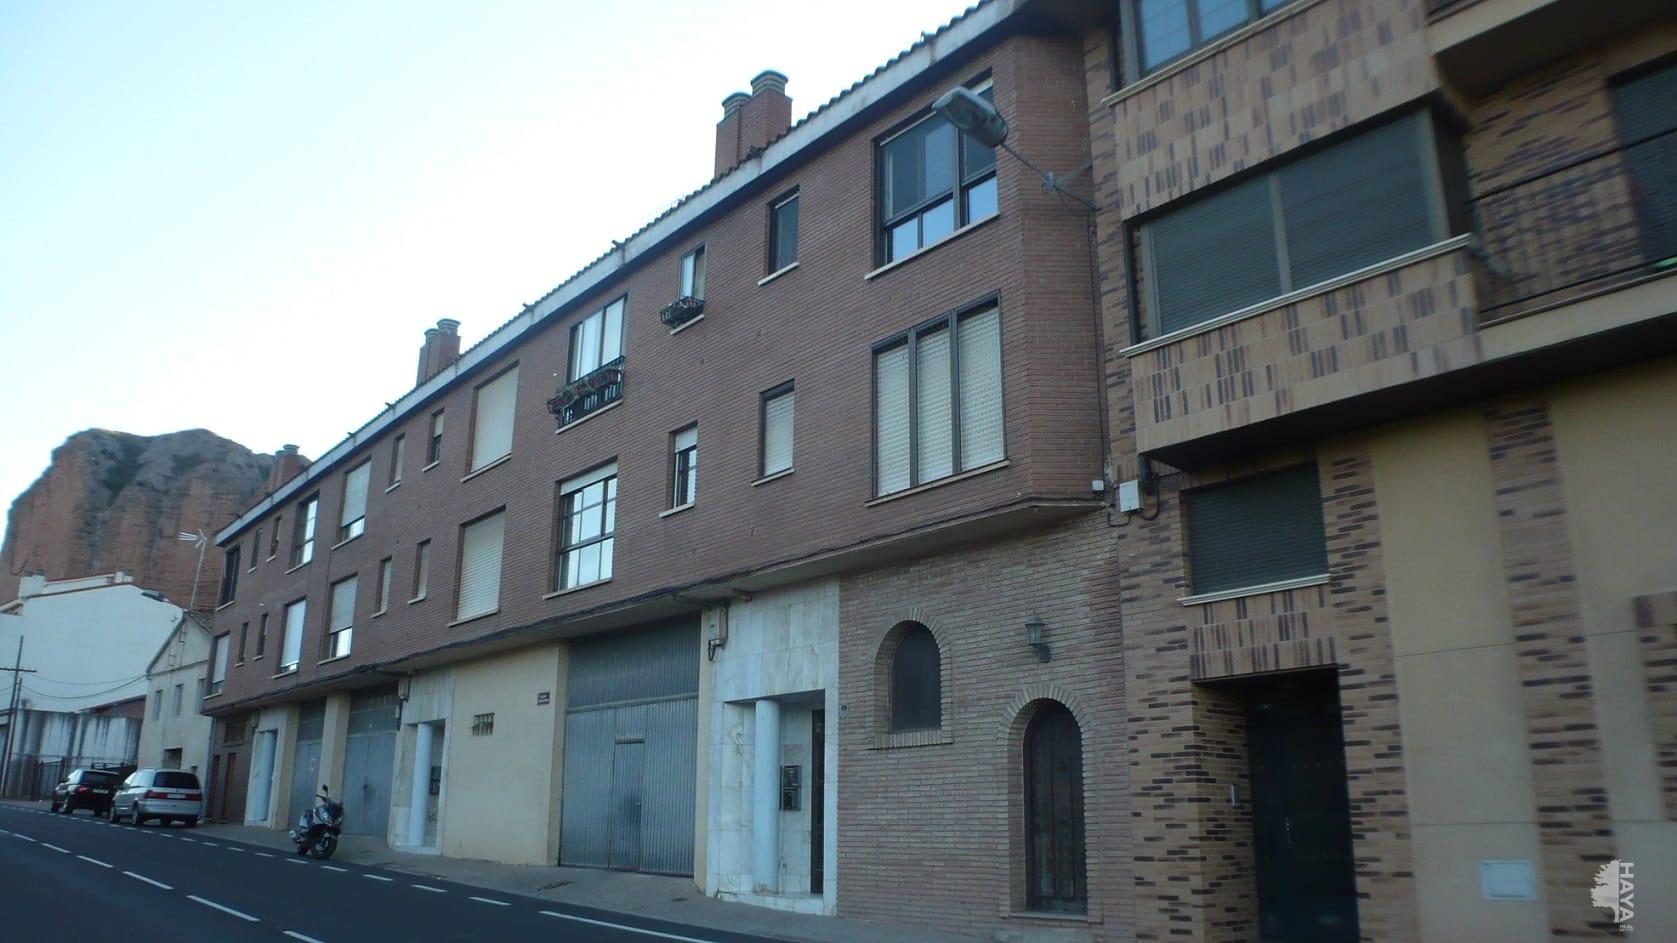 Piso en venta en Nalda, La Rioja, Calle Carretera Nalda, 44.620 €, 2 habitaciones, 1 baño, 82 m2